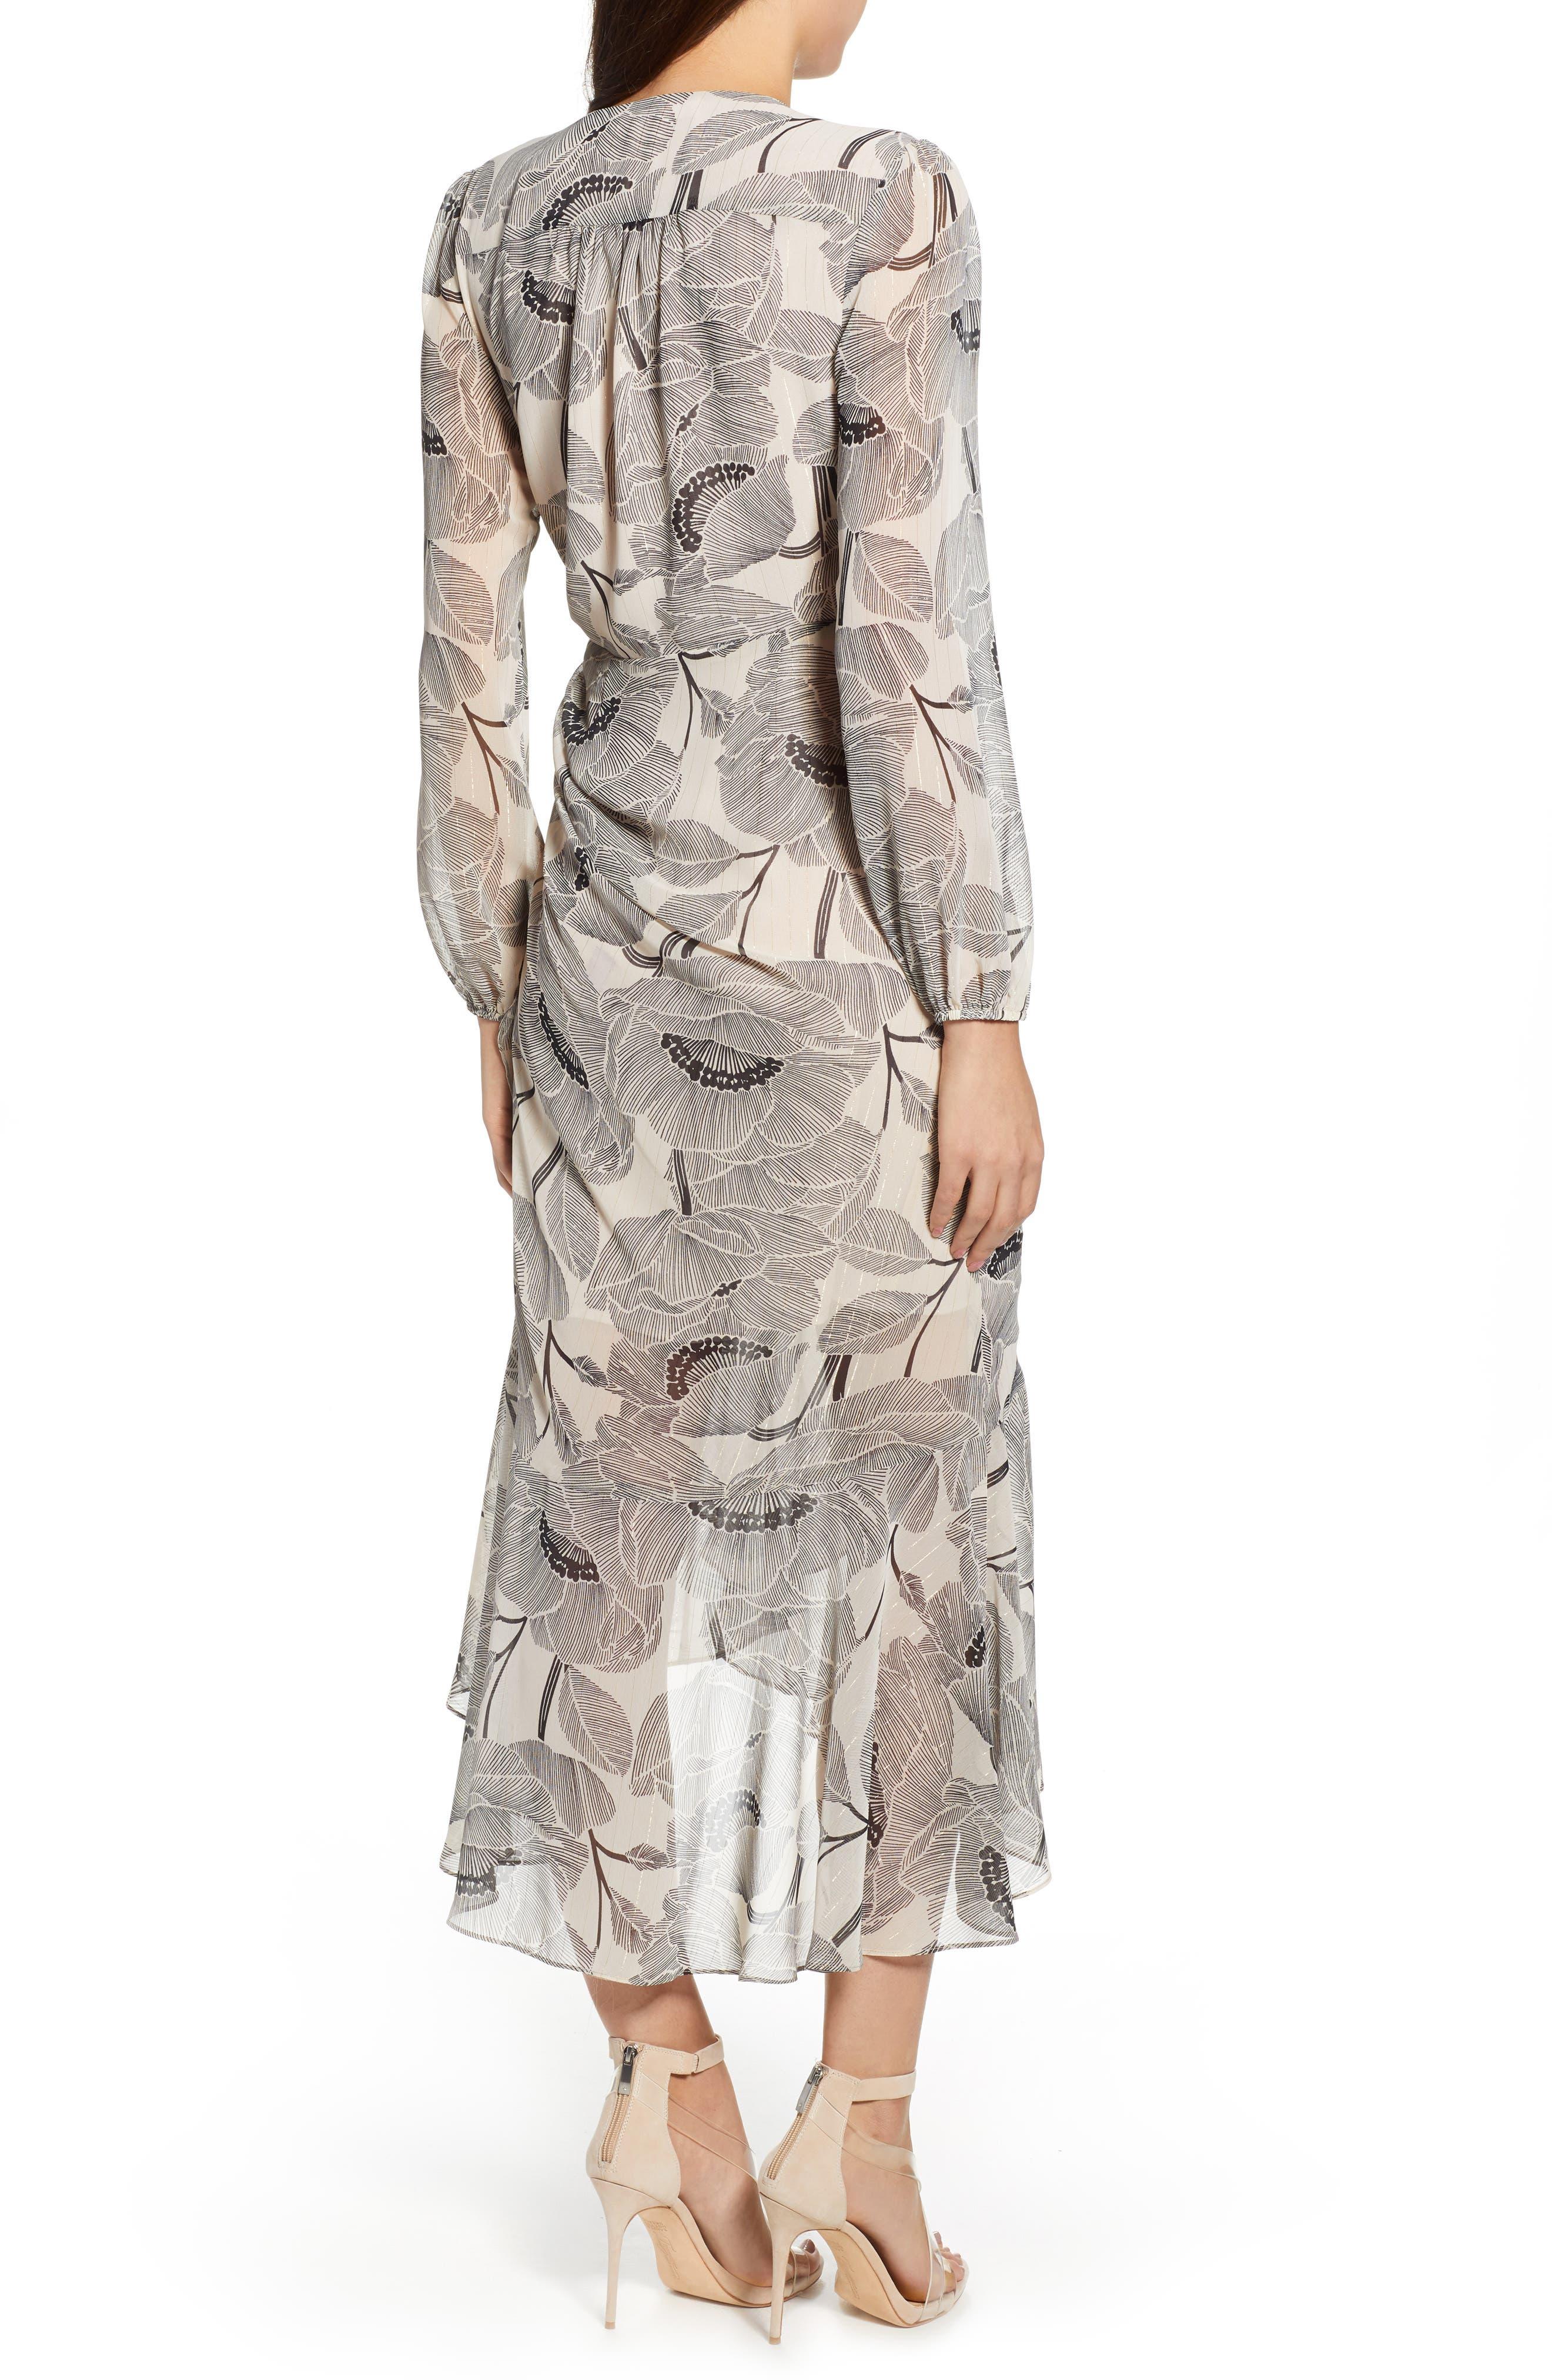 ASTR THE LABEL,                             Floral Print Faux Wrap Dress,                             Alternate thumbnail 2, color,                             IVORY FLORAL